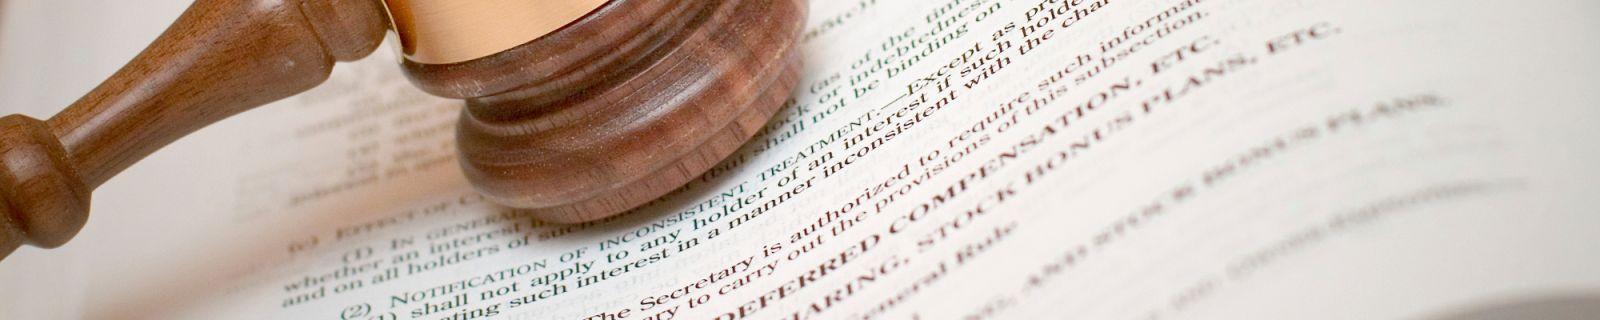 key legislation relating to diversity